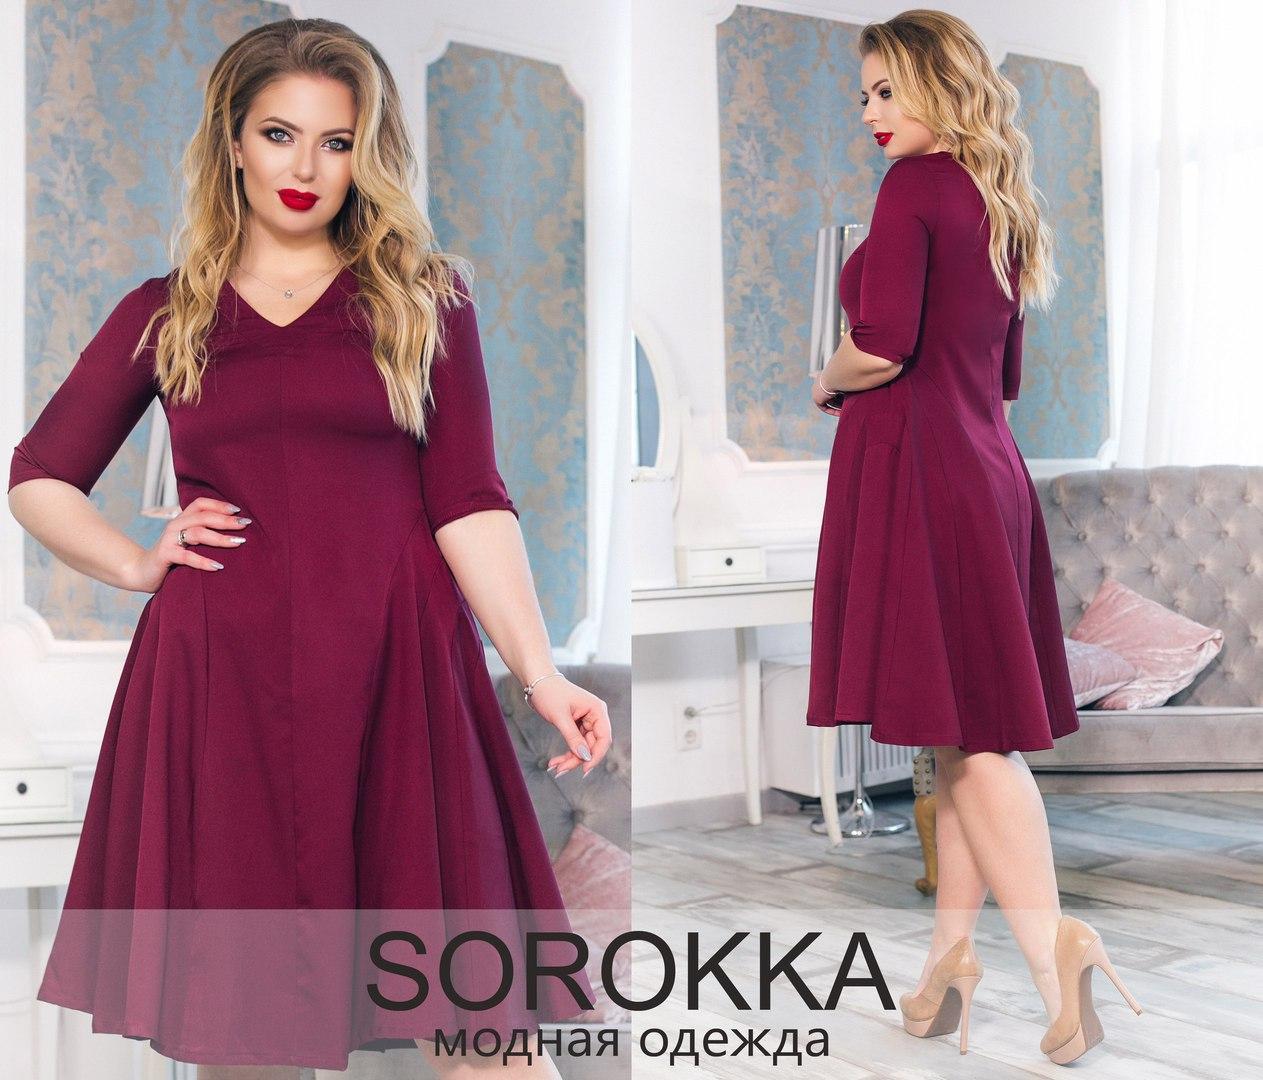 Элегантное платье больших размеров 46, 48 с расклешенной юбкой, рукав три четверти арт 560/1-41